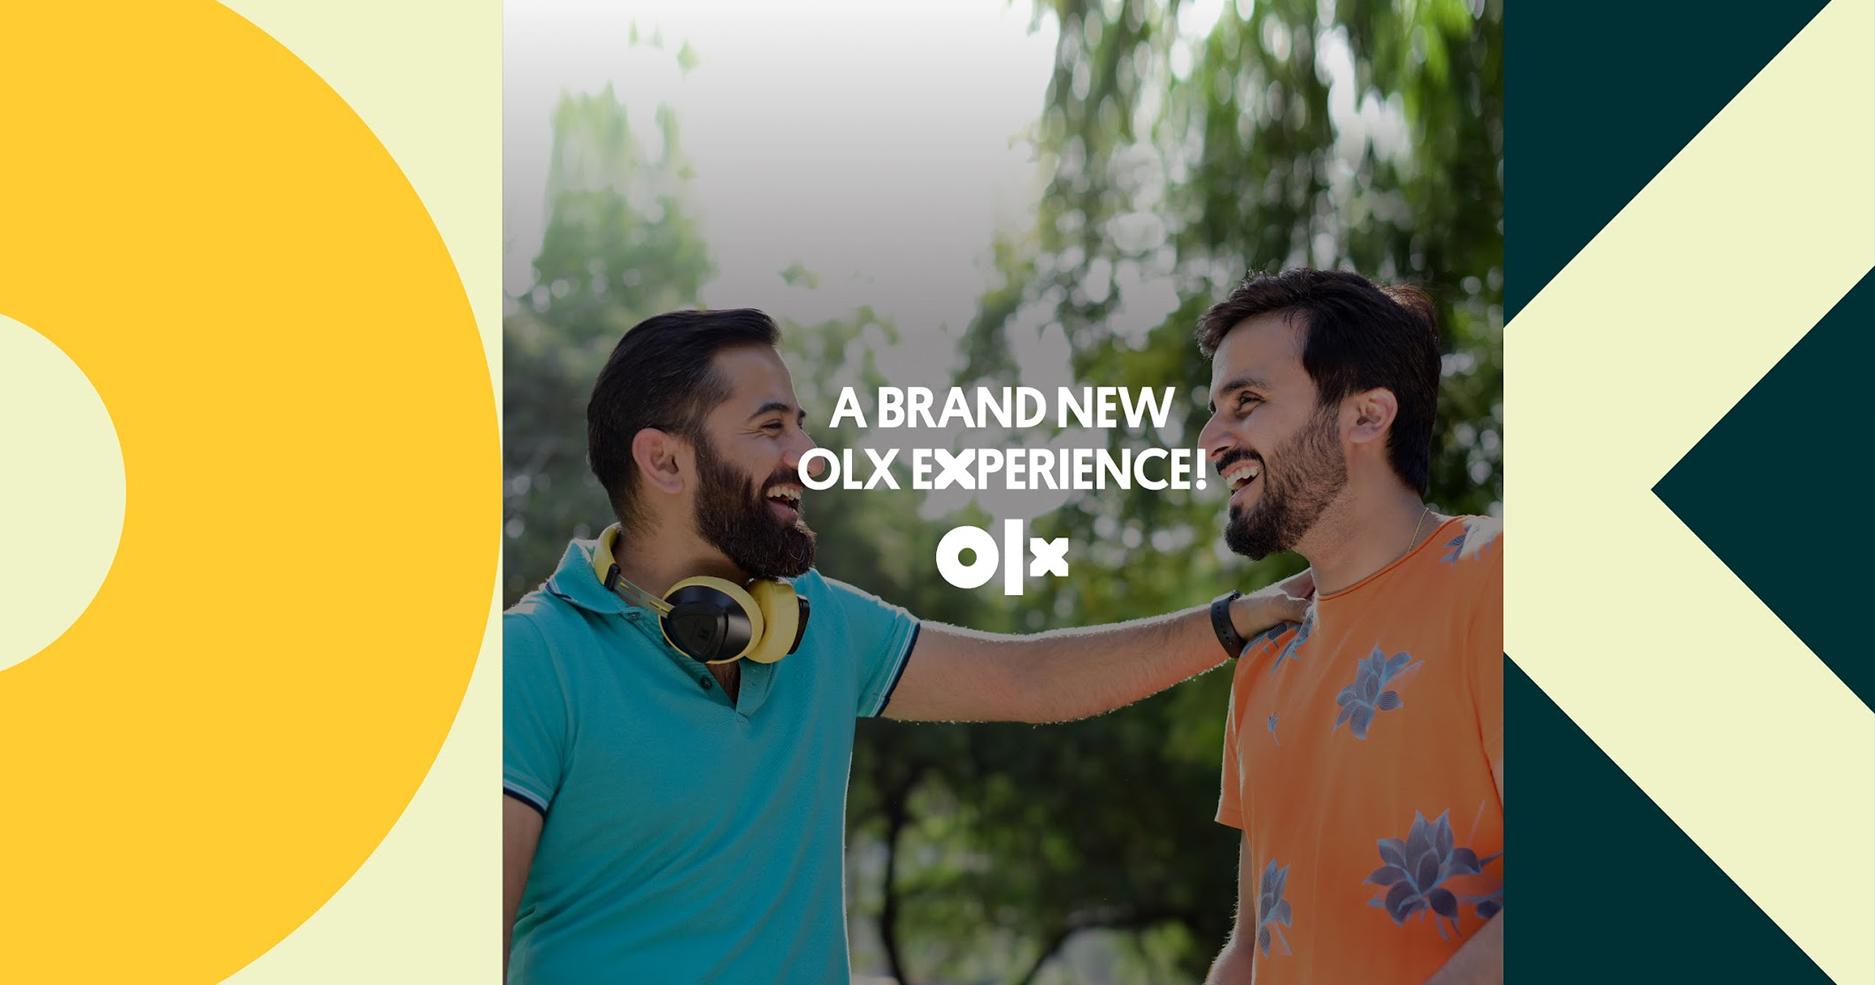 OLX cambió por completo su identidad